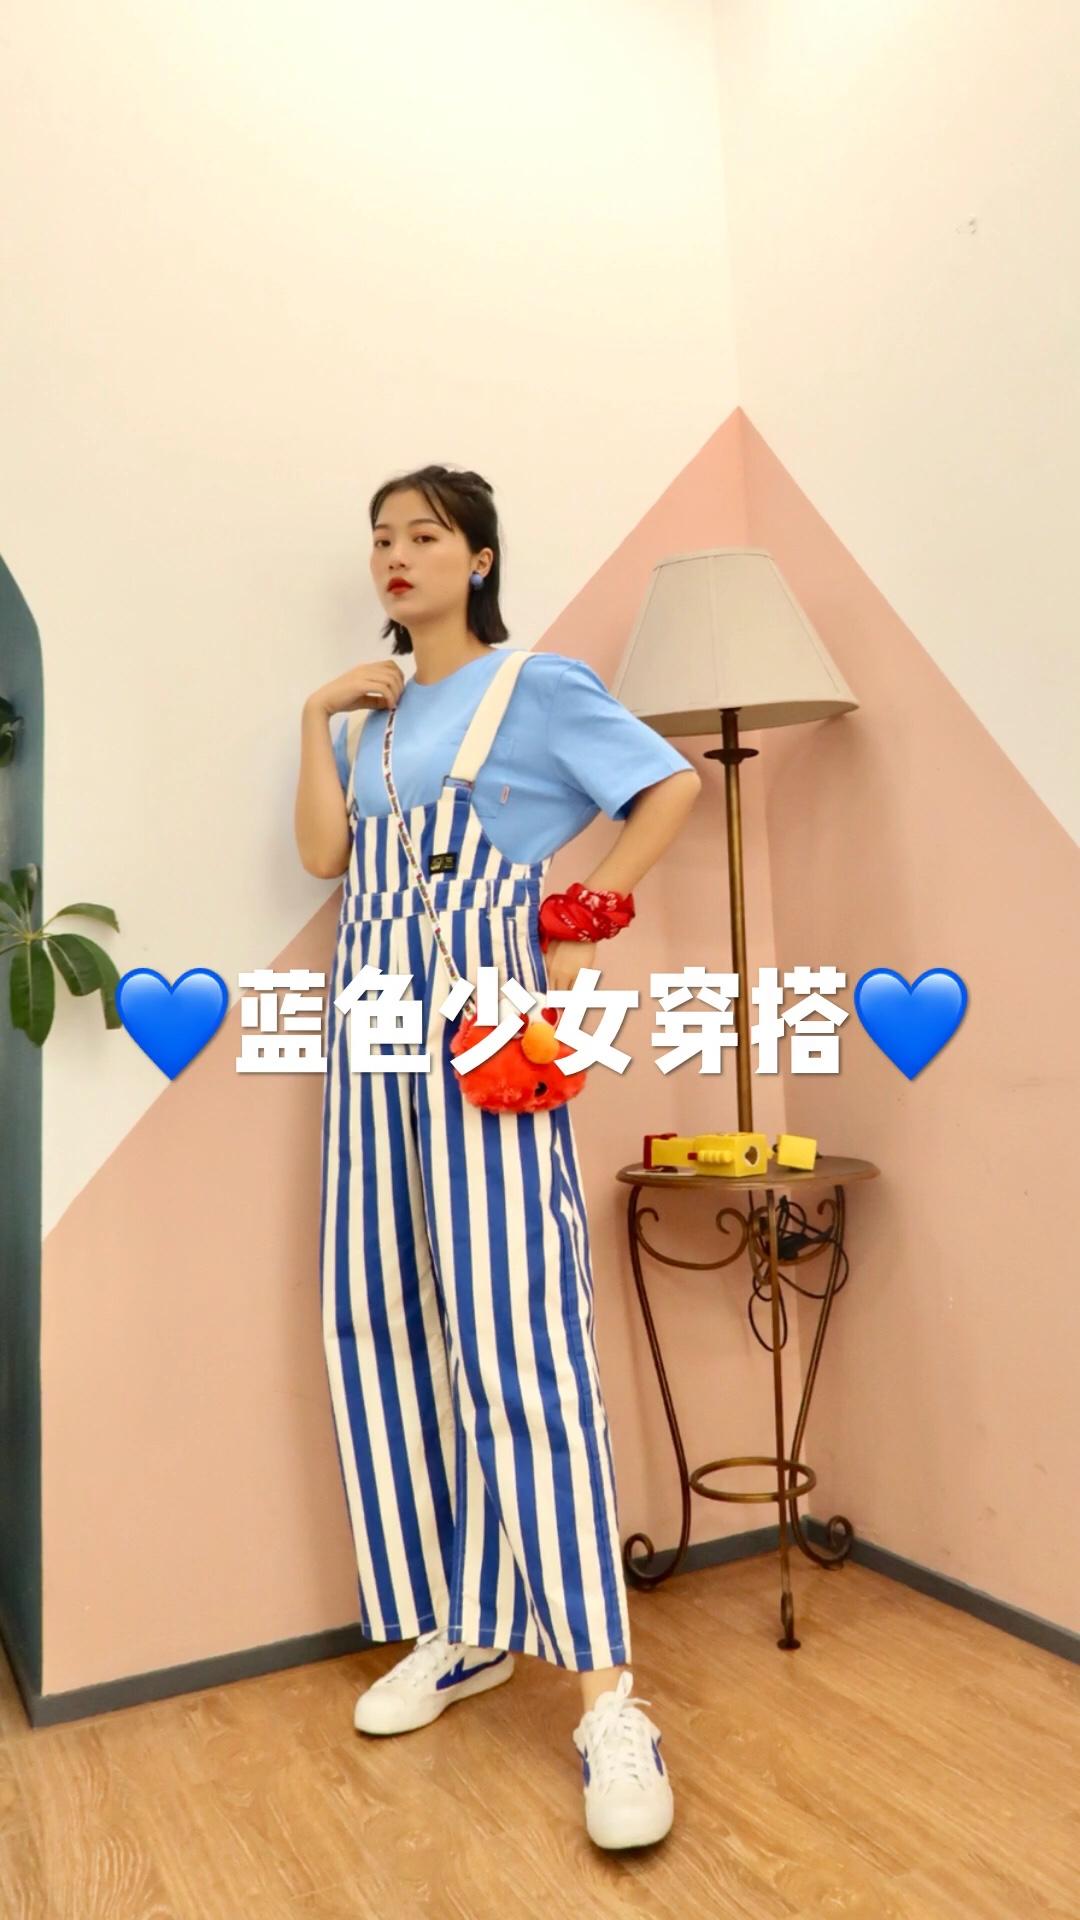 #蘑菇街新品测评# 穿上这套 秒变学生妹 少女感十足 甜甜的恋爱马上发生哦 蓝色T恤超级显白 条纹背带也很耐看